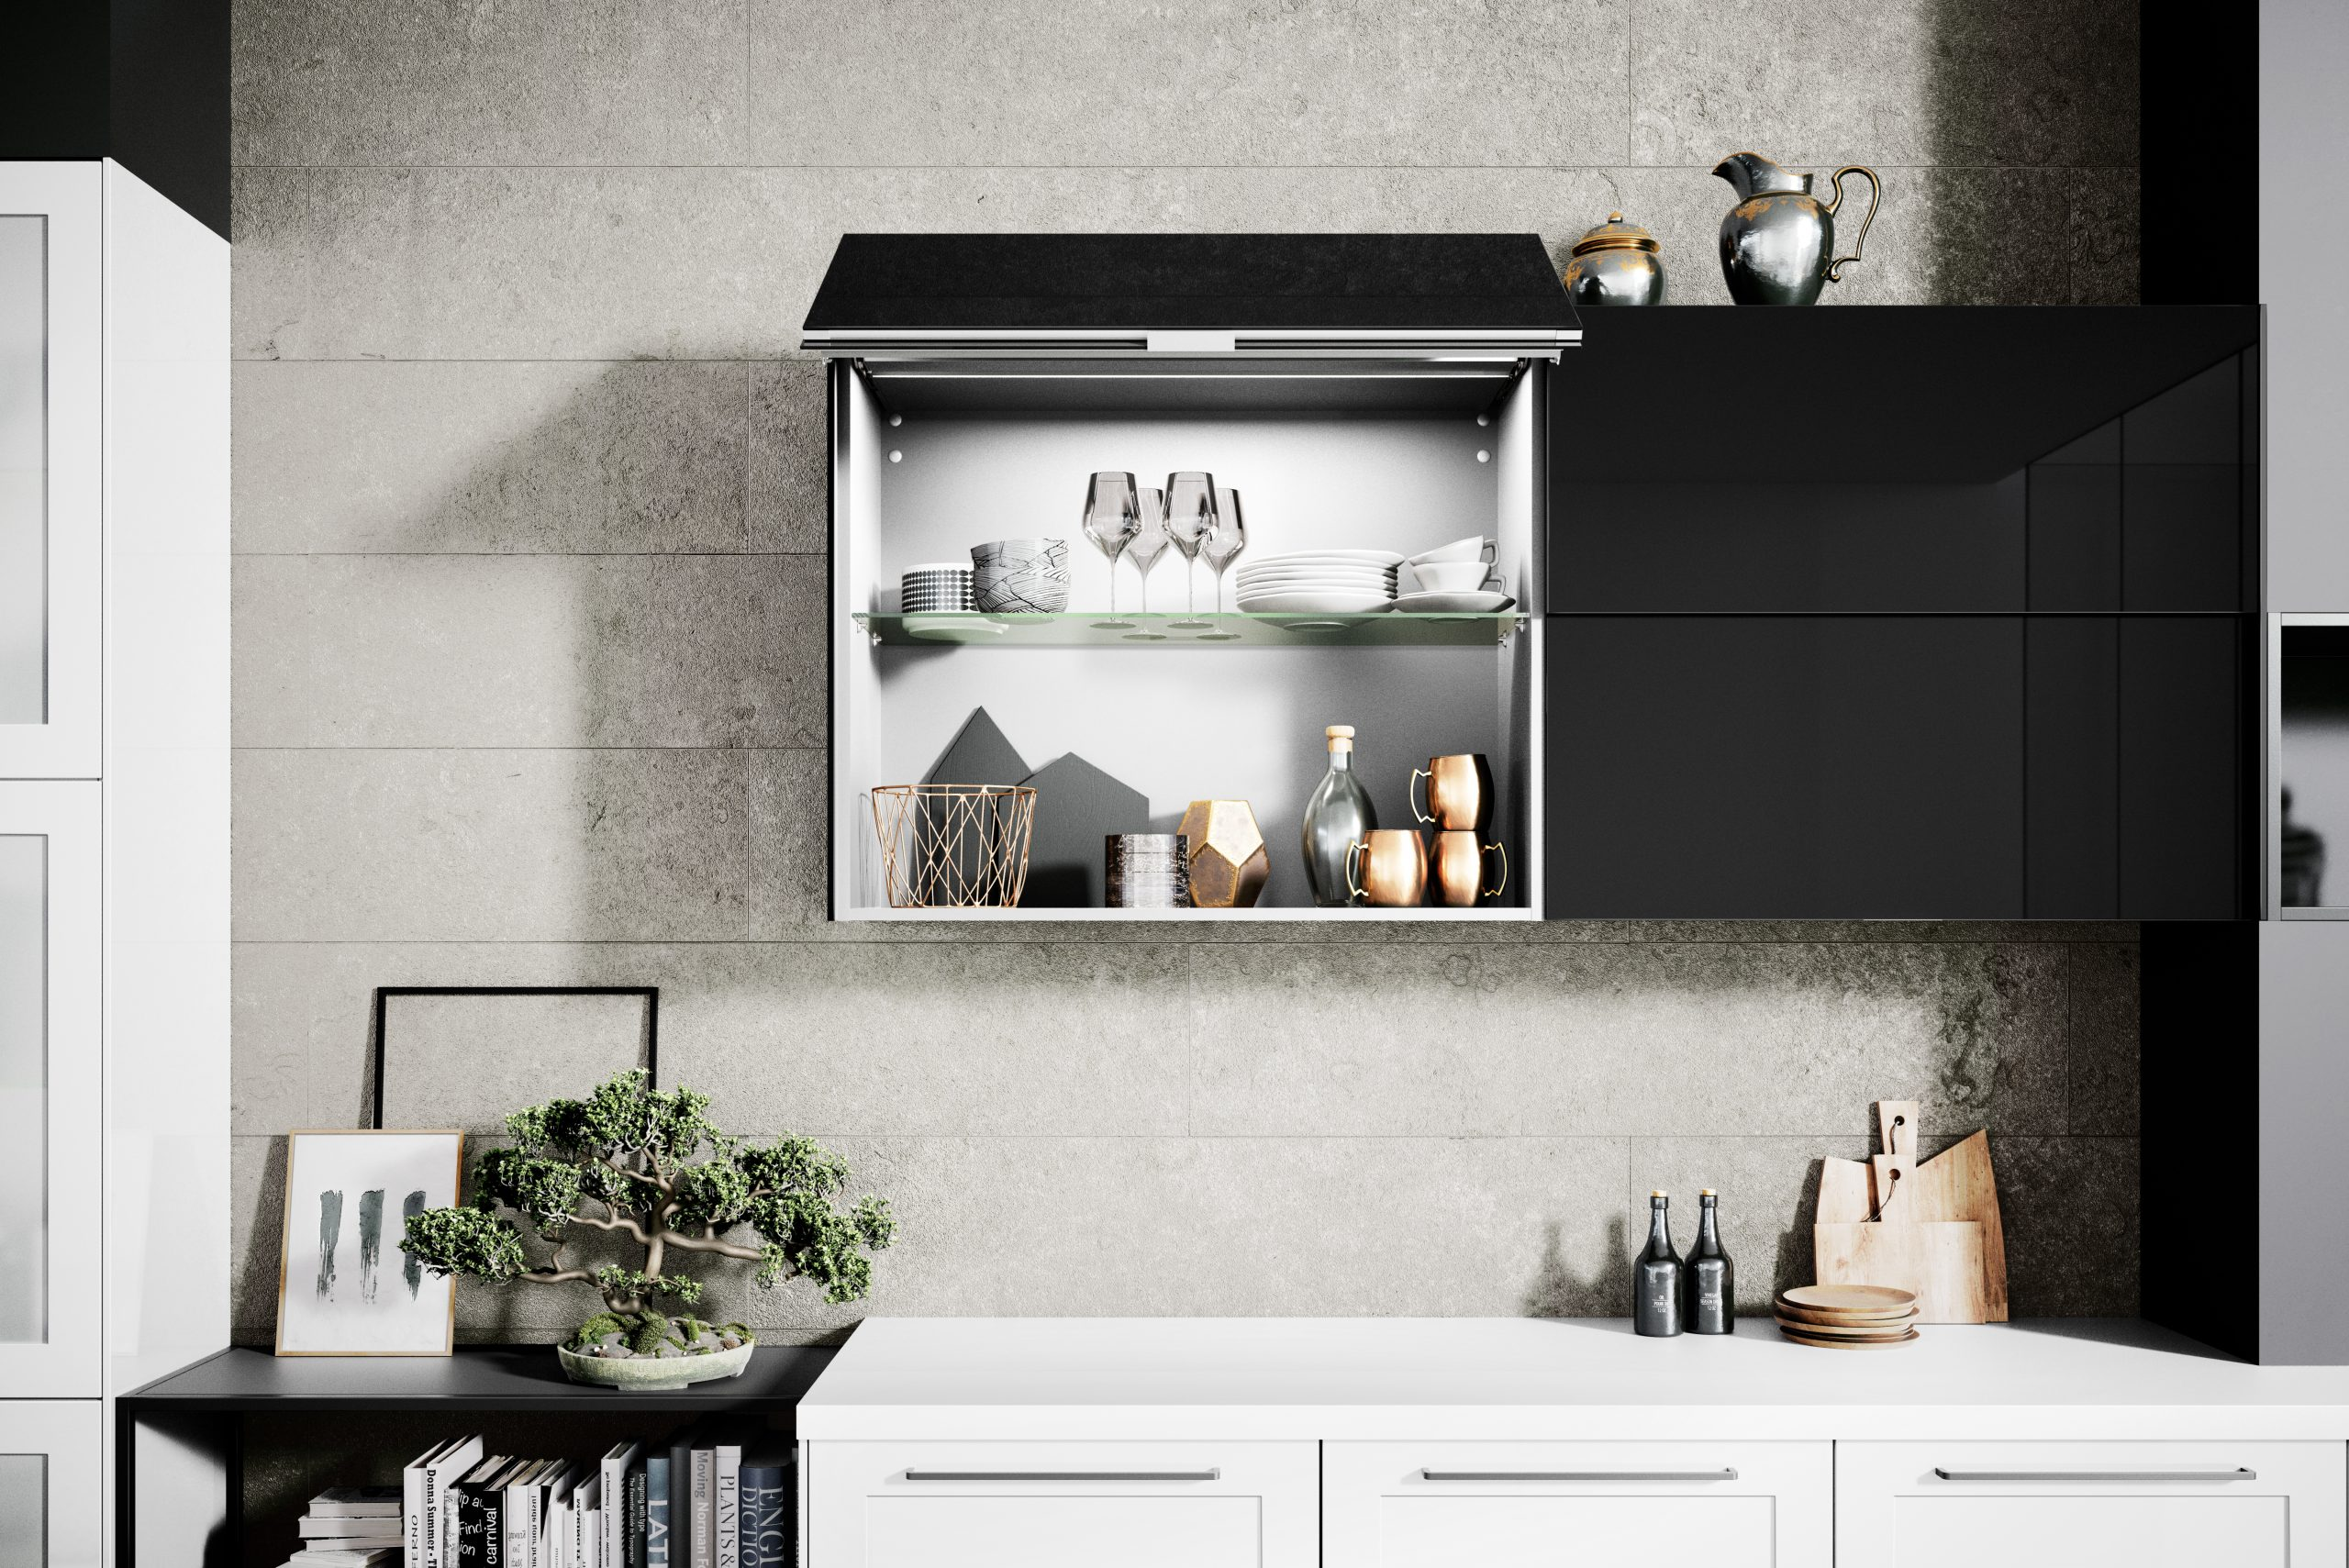 Full Size of Küche Aufbewahrung Hängend Kleine Küche Aufbewahrung Küche Aufbewahrung Edelstahl Küche Aufbewahrung Wand Küche Küche Aufbewahrung